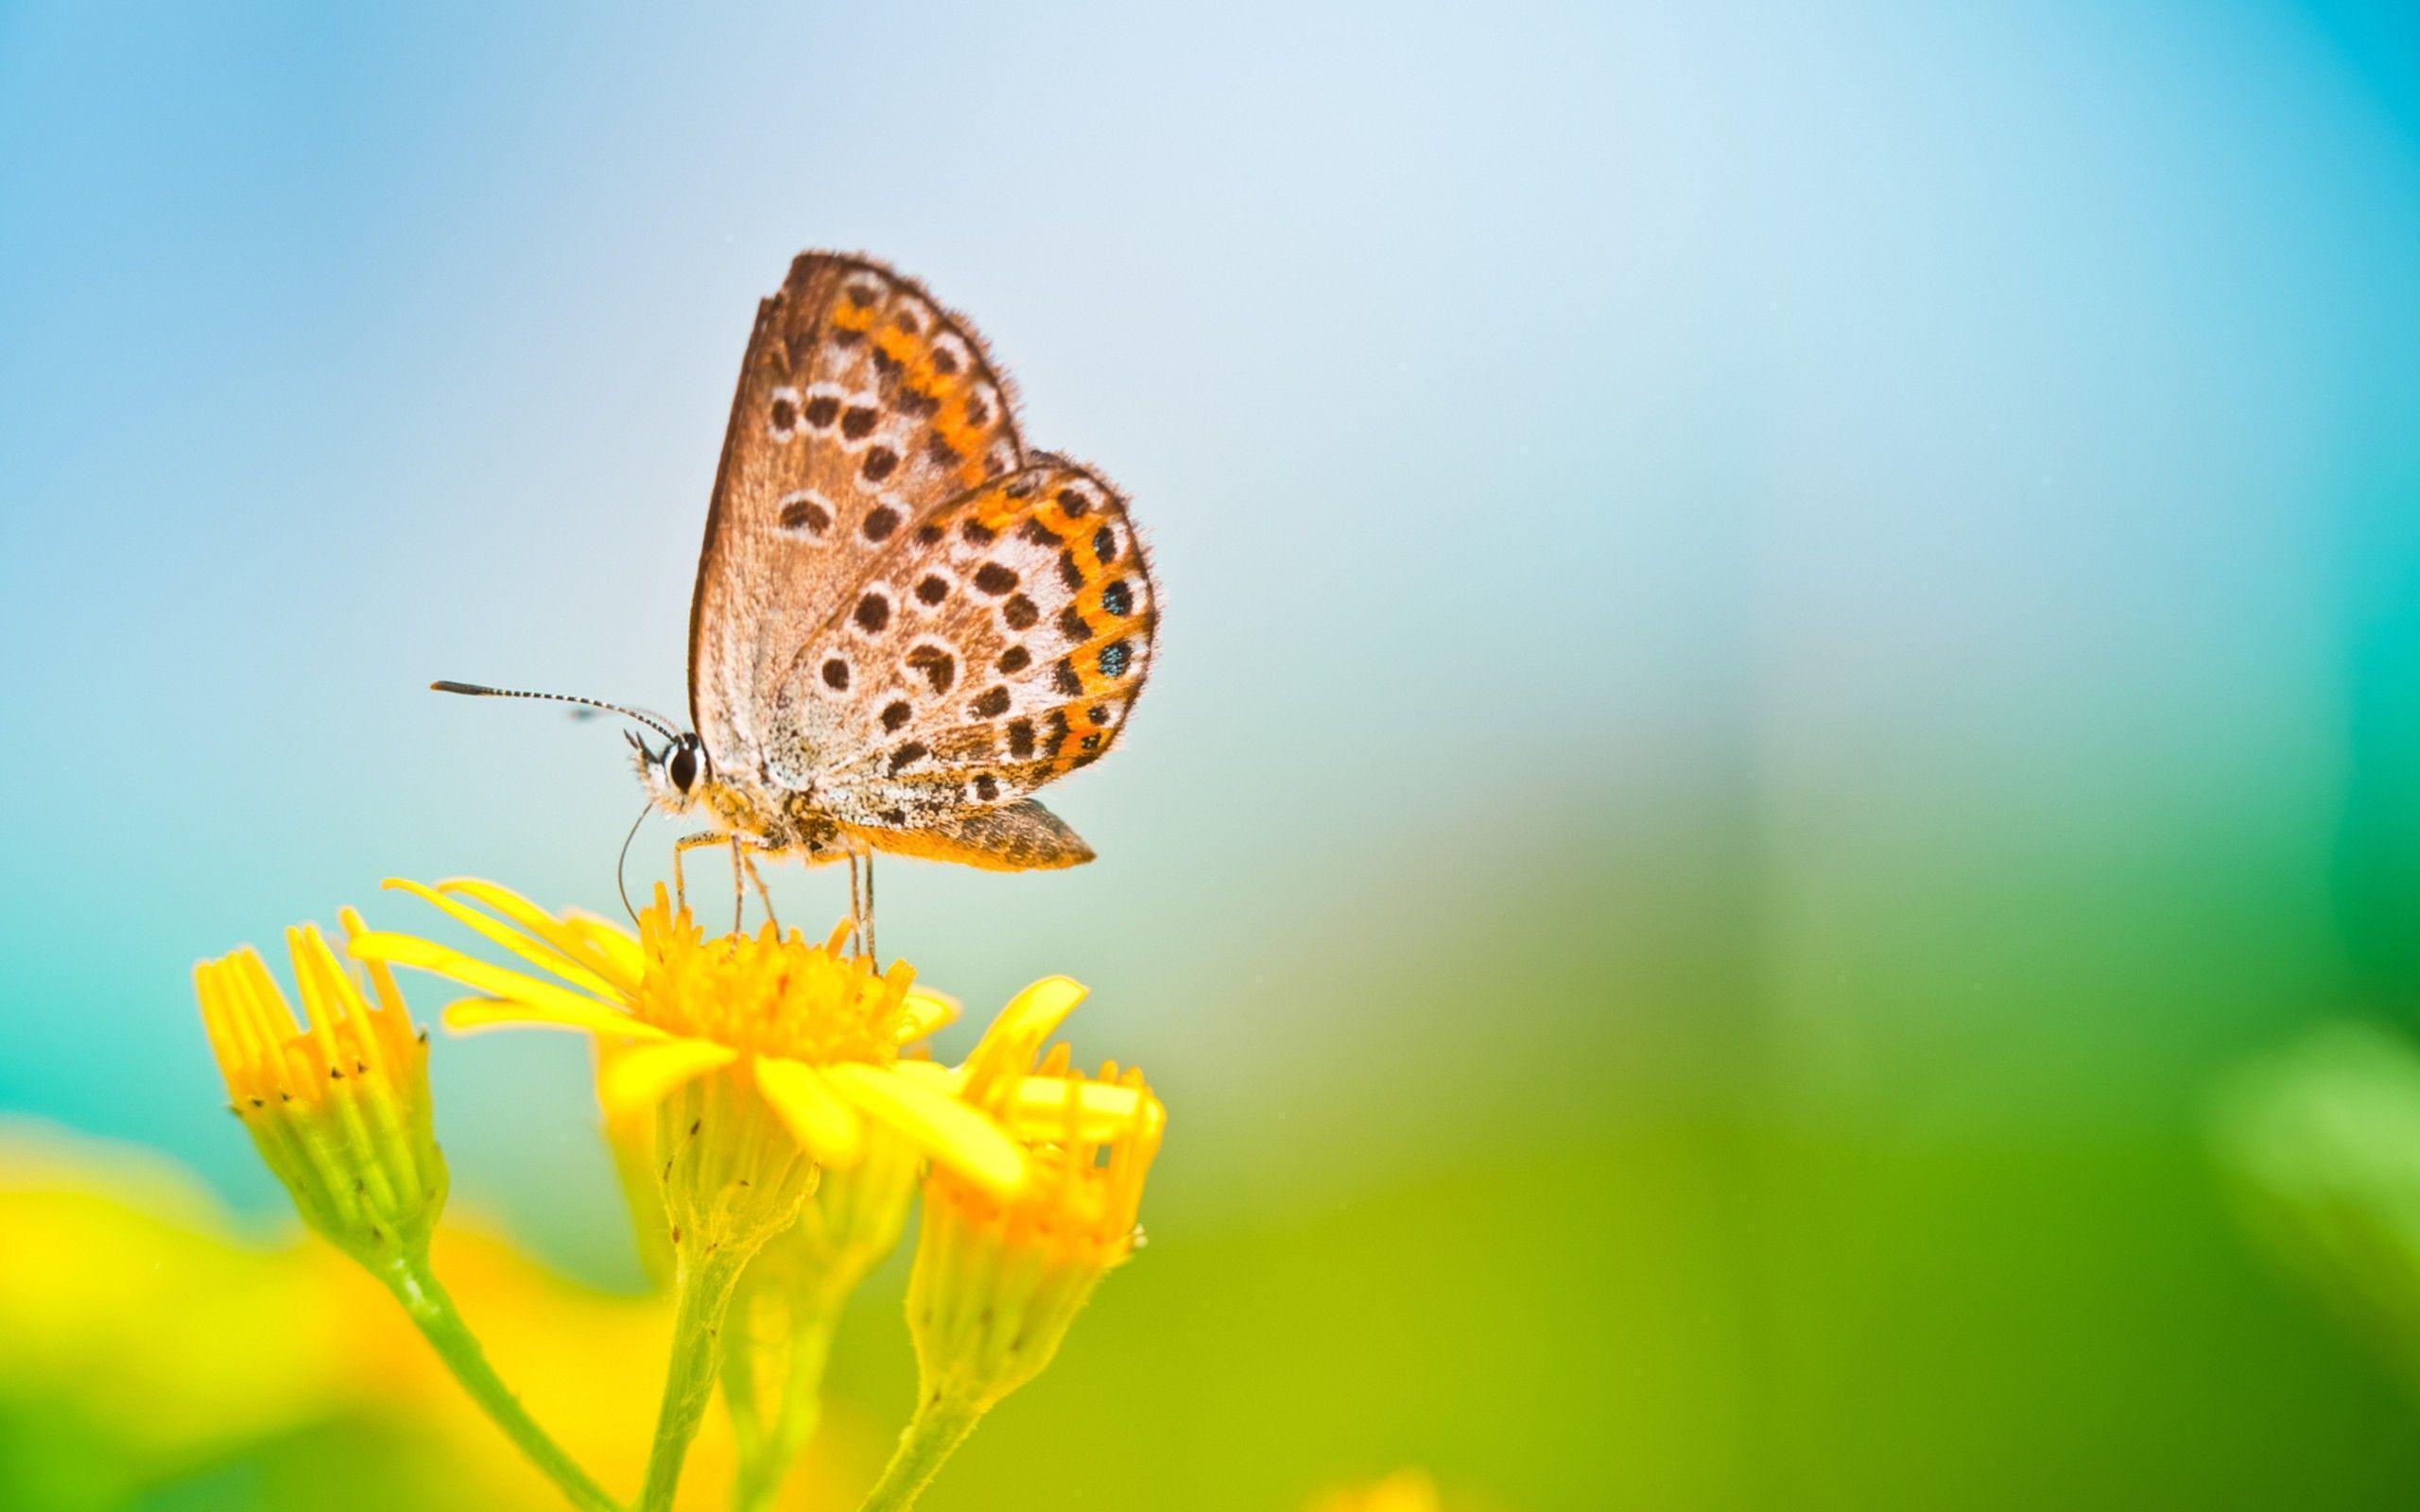 butterfly wallpaper high - photo #5